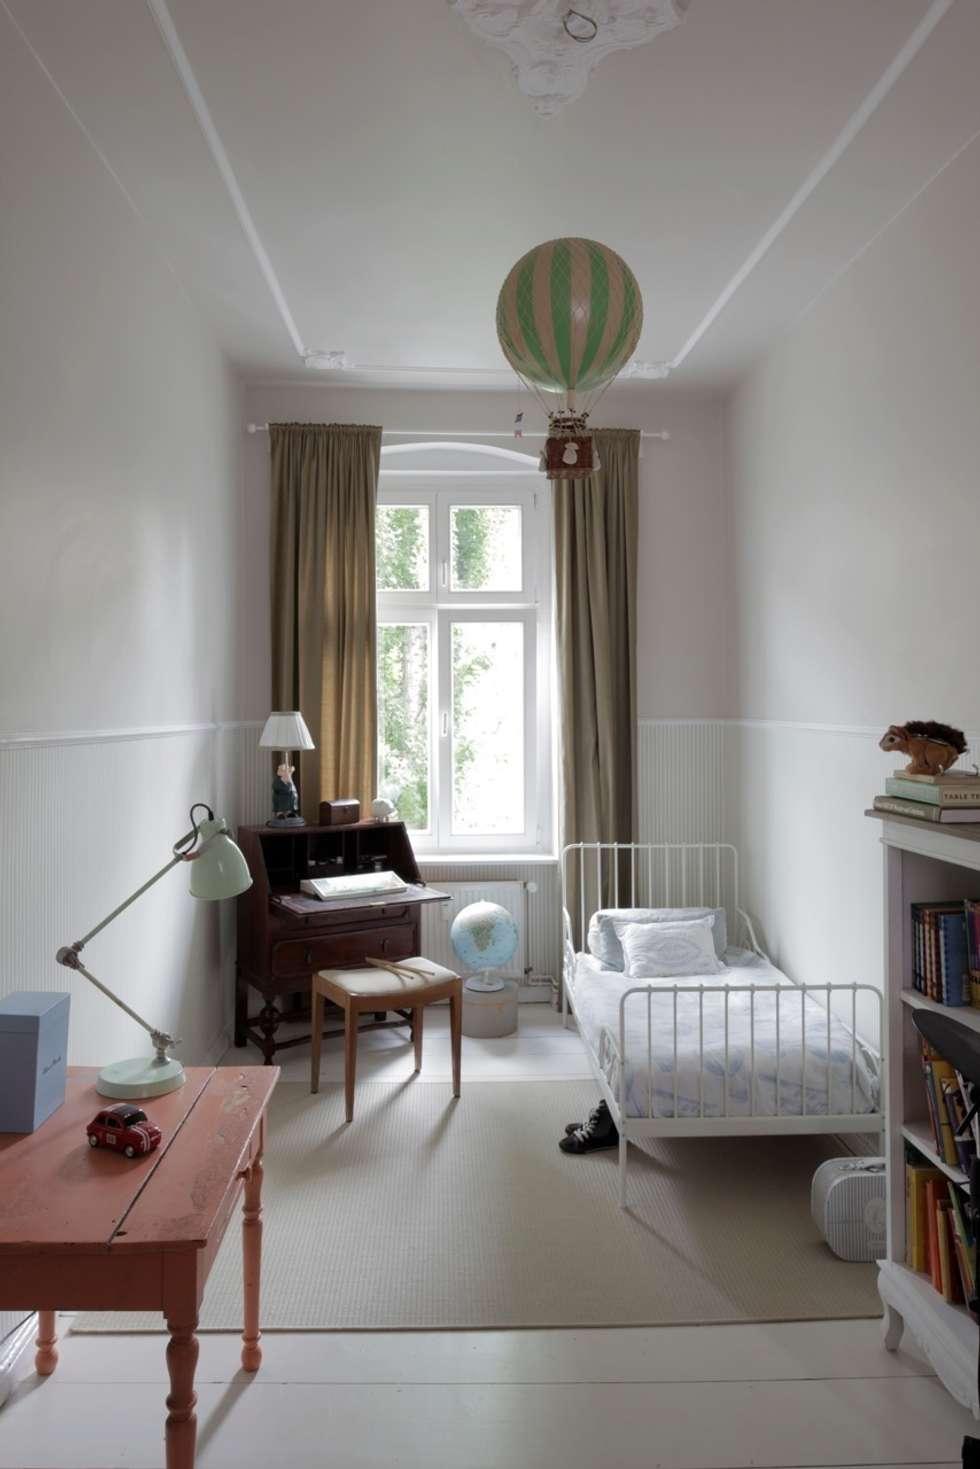 Wohnideen interior design einrichtungsideen bilder for Kinderzimmer carlo